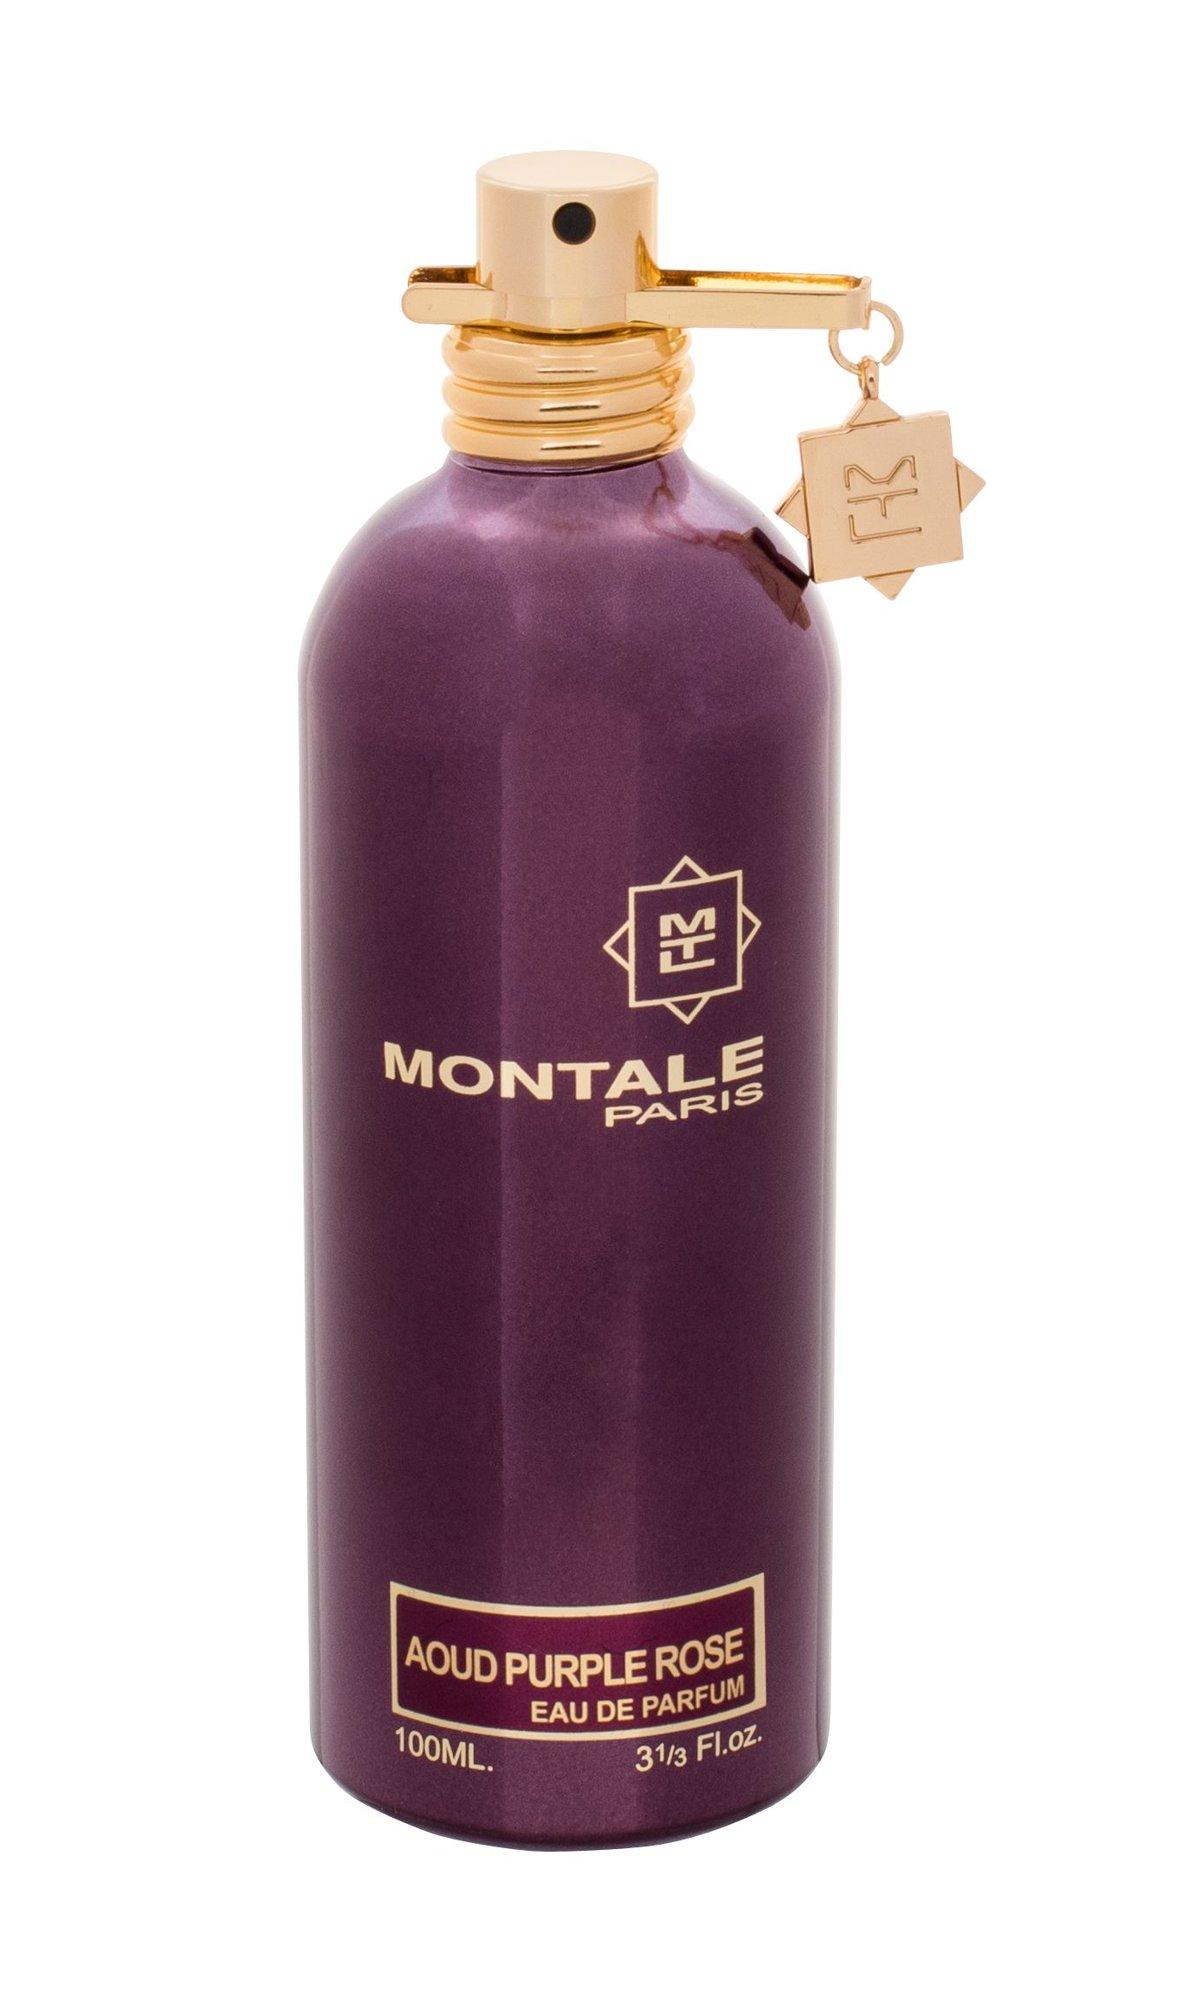 Montale Paris Aoud Purple Rose EDP 100ml